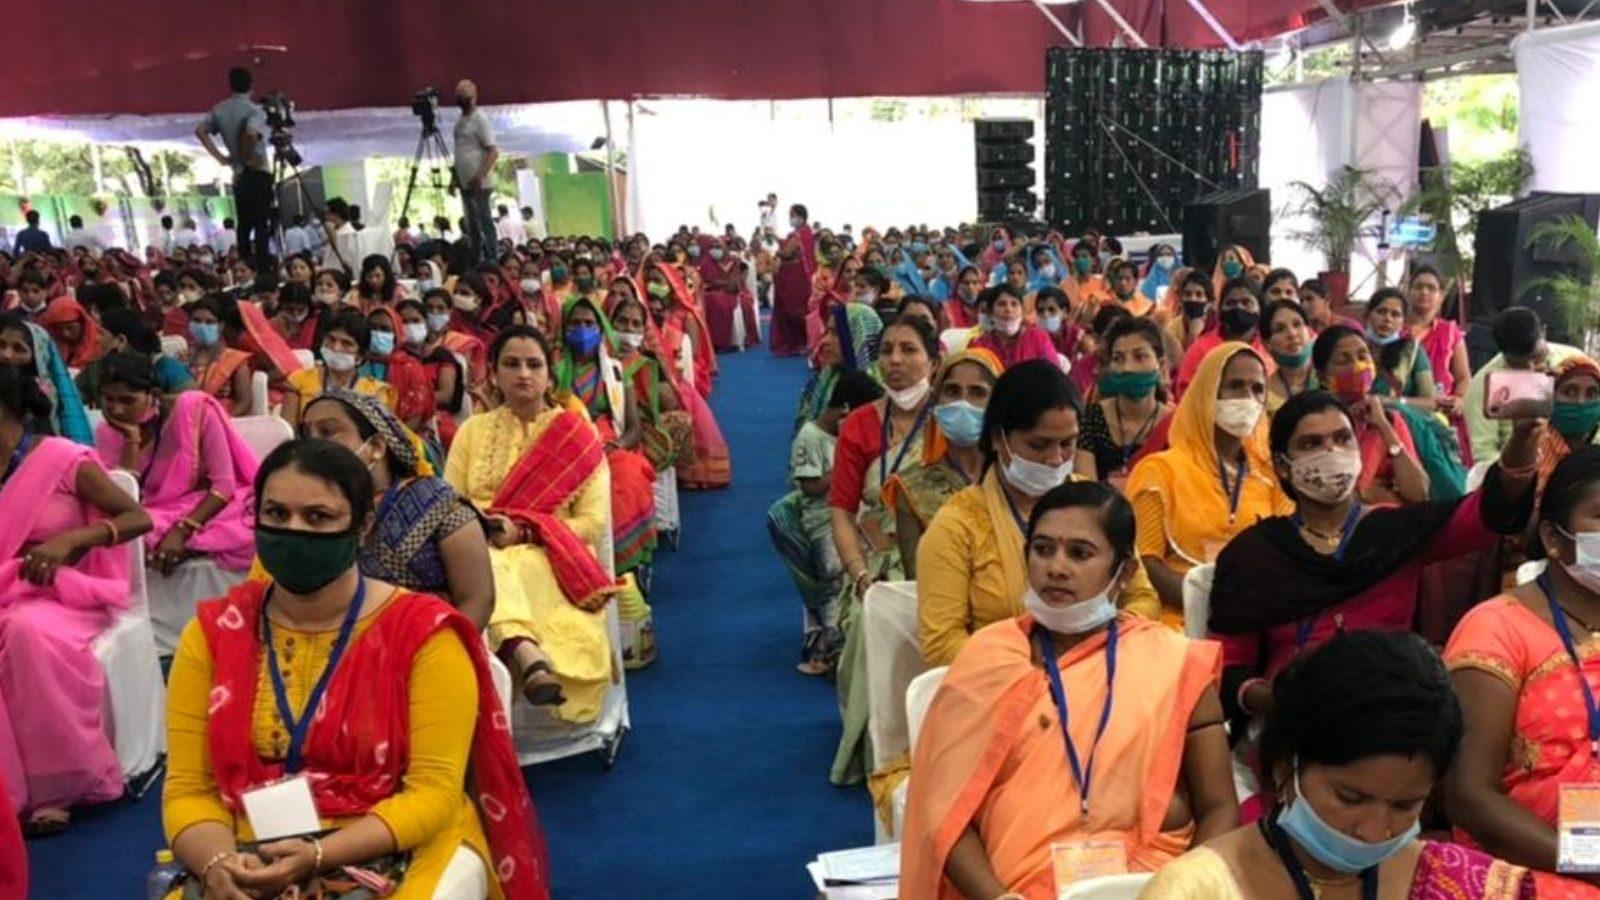 MP News: भोपाल में अलग से बनेगा आजीविका मार्केट, स्व सहायता समूहों के लिए सीएम ने बढ़ाया बजट